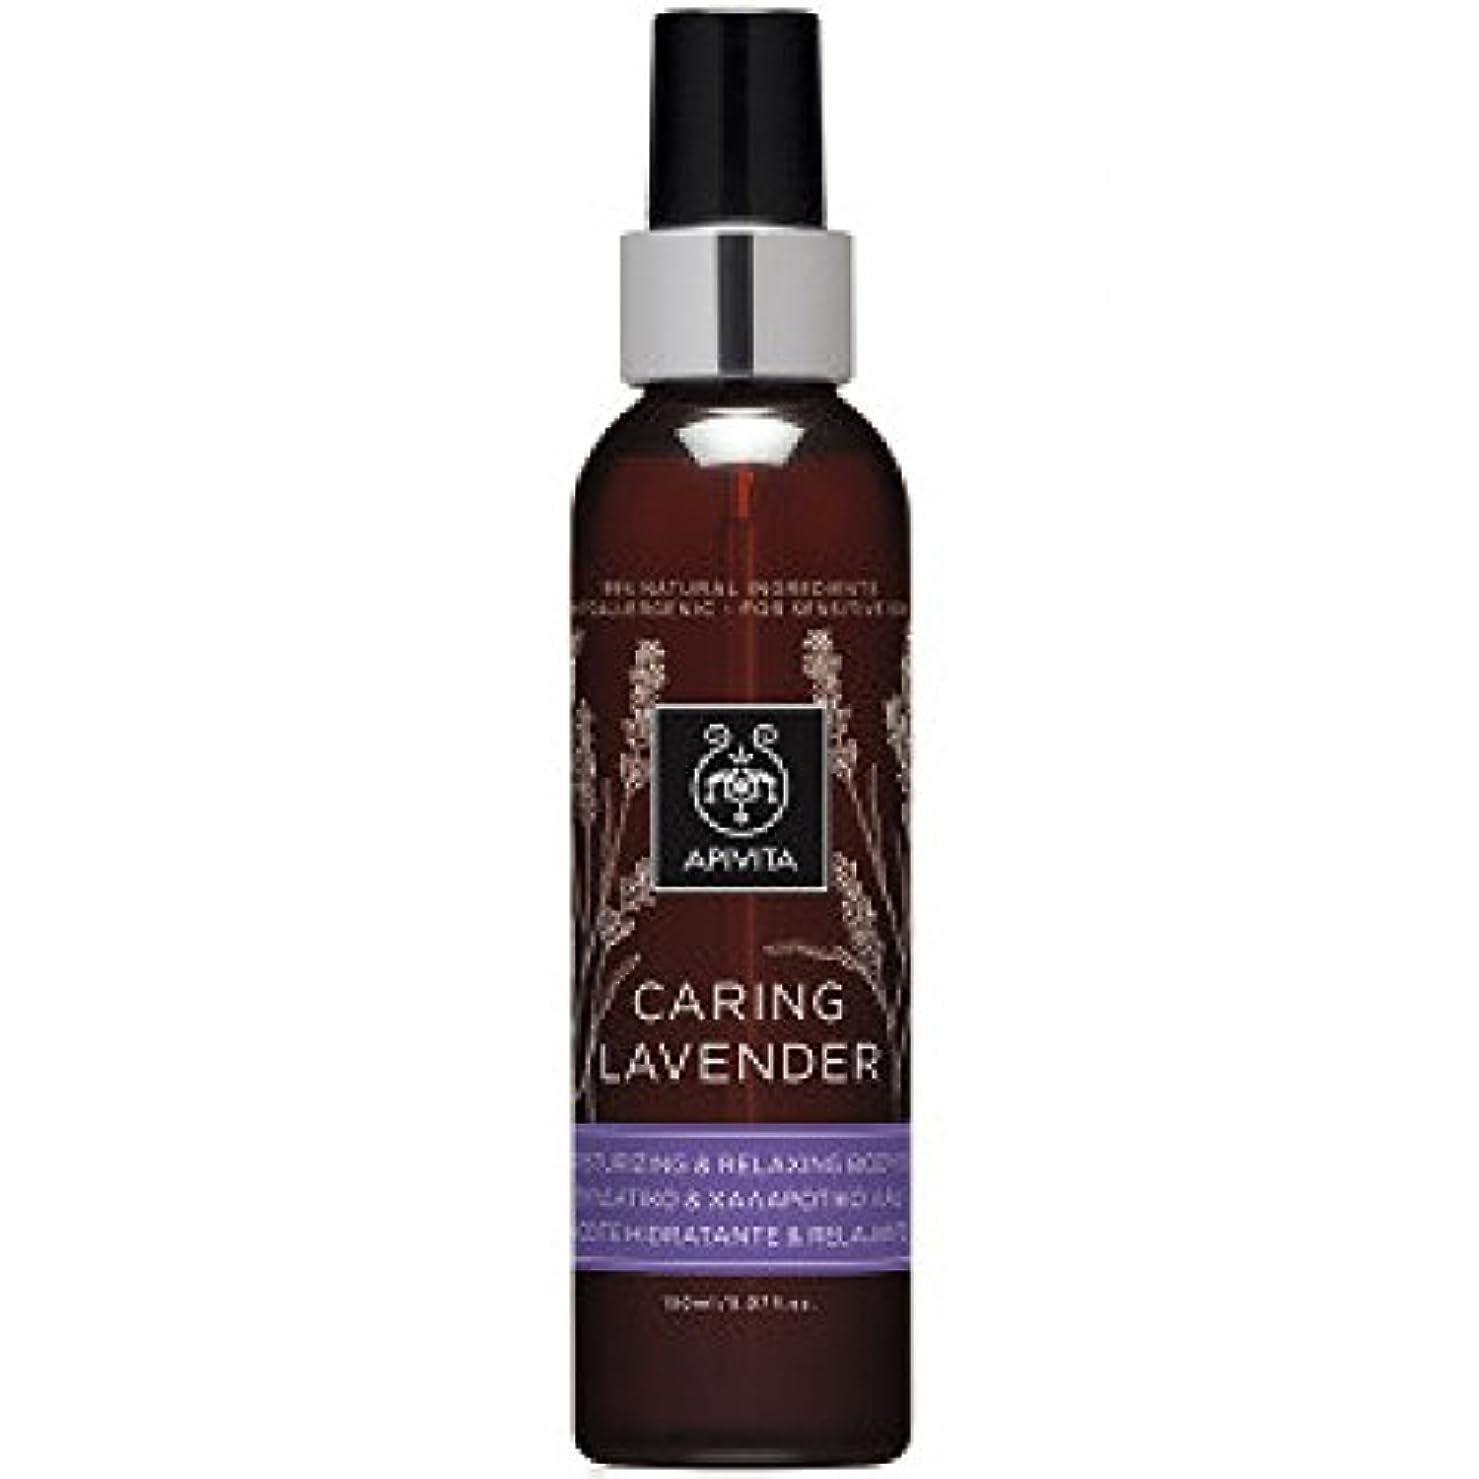 準備受け継ぐ圧力アピヴィータ Caring Lavender Moisturizing & Relaxing Body Oil - For Sensitive Skin 150ml [並行輸入品]